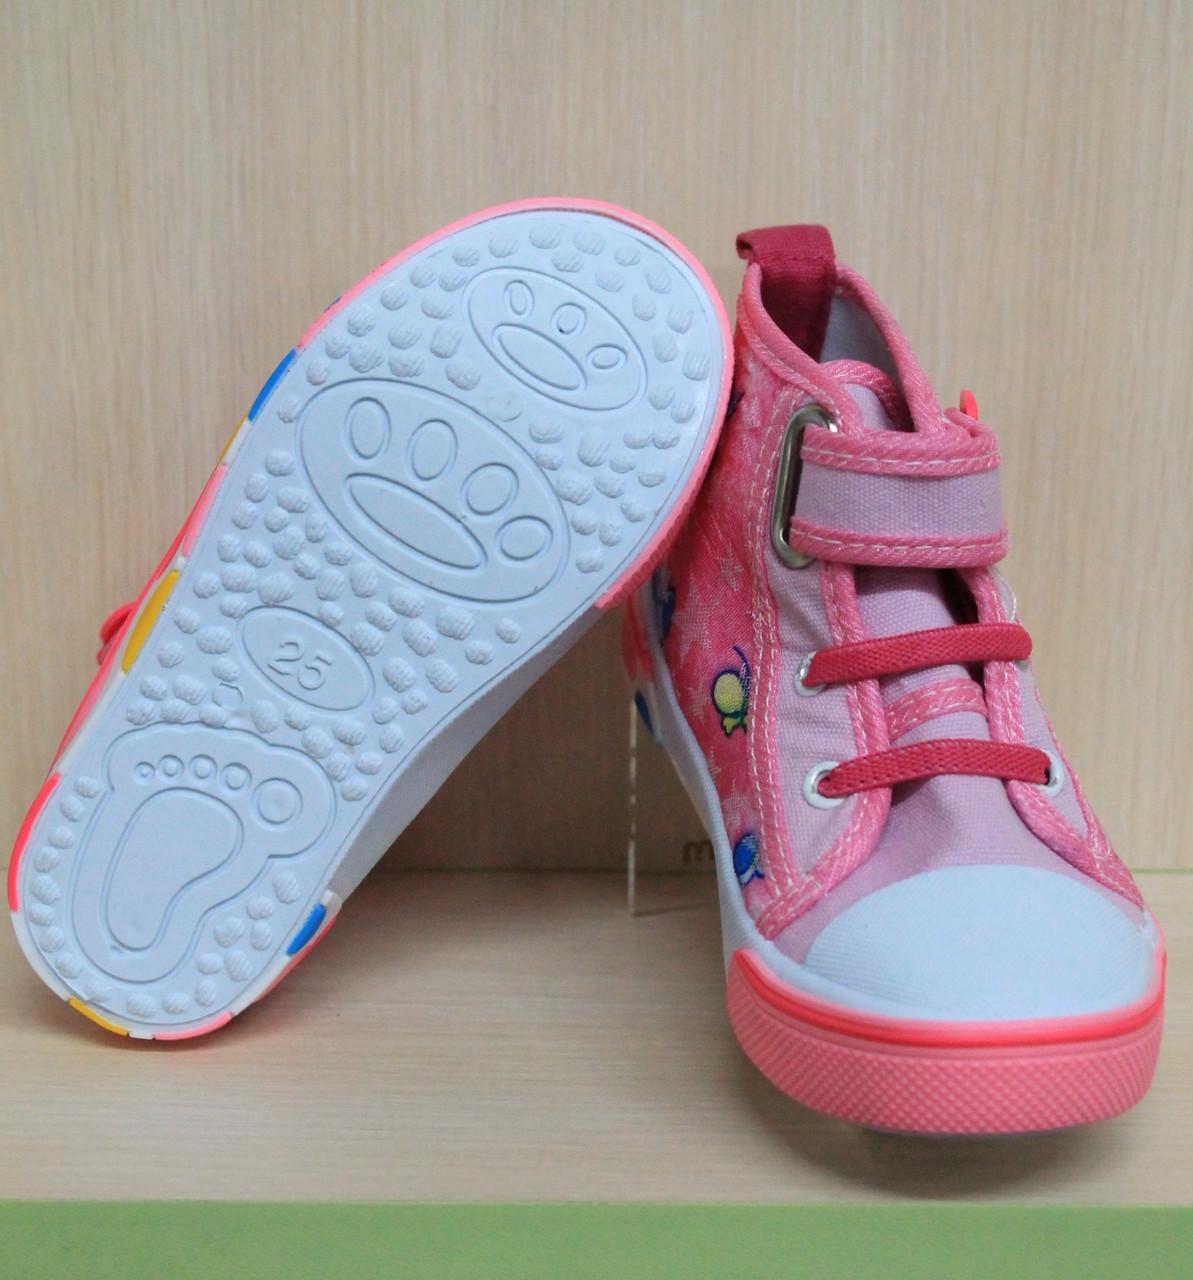 5d9938e546a2 Купить Детские кеды на девочку, текстильная обувь, высокие кеды р.29 ...